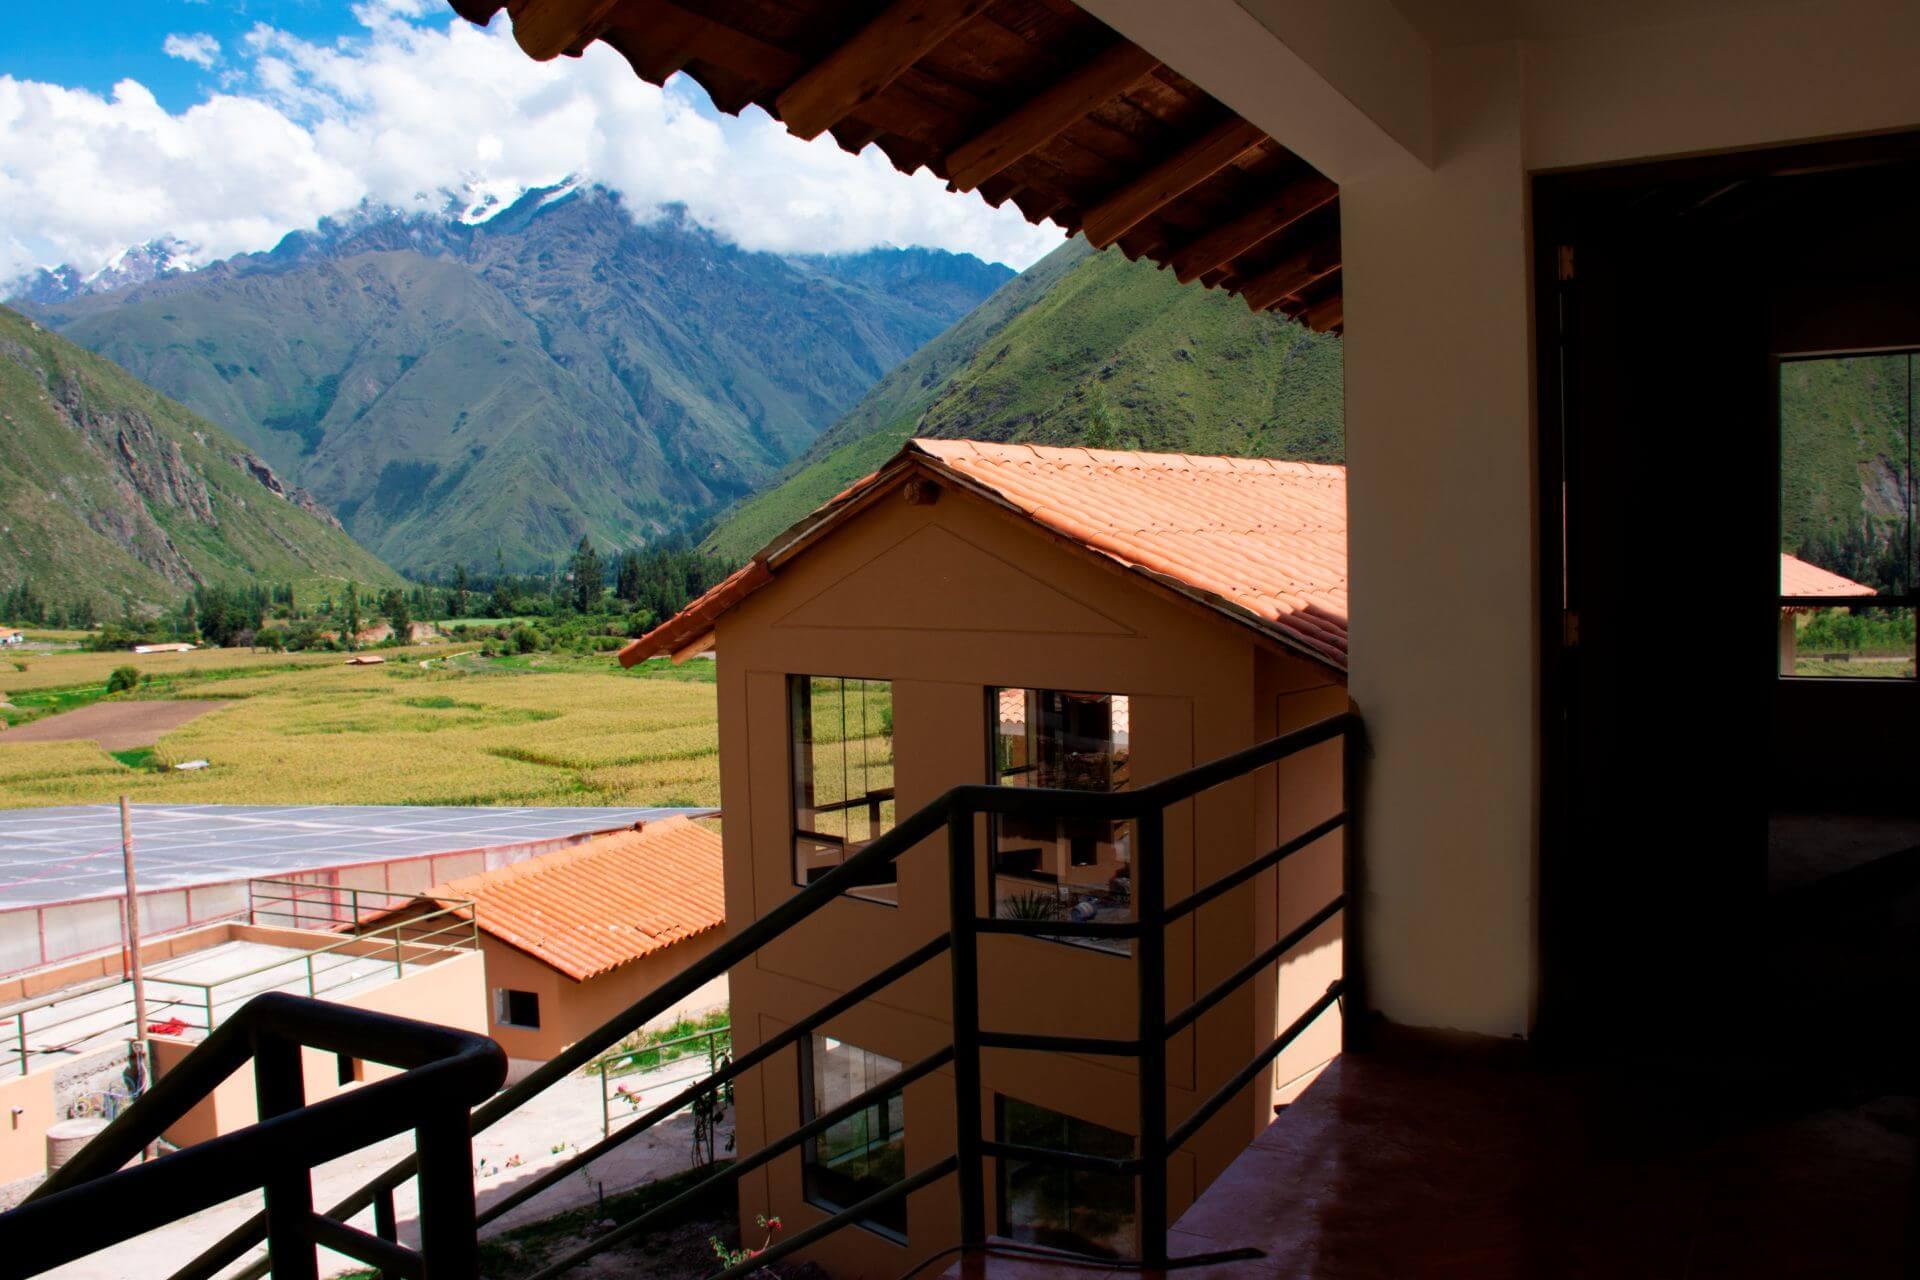 veronica-view-hotel-ollantaytambo-peru